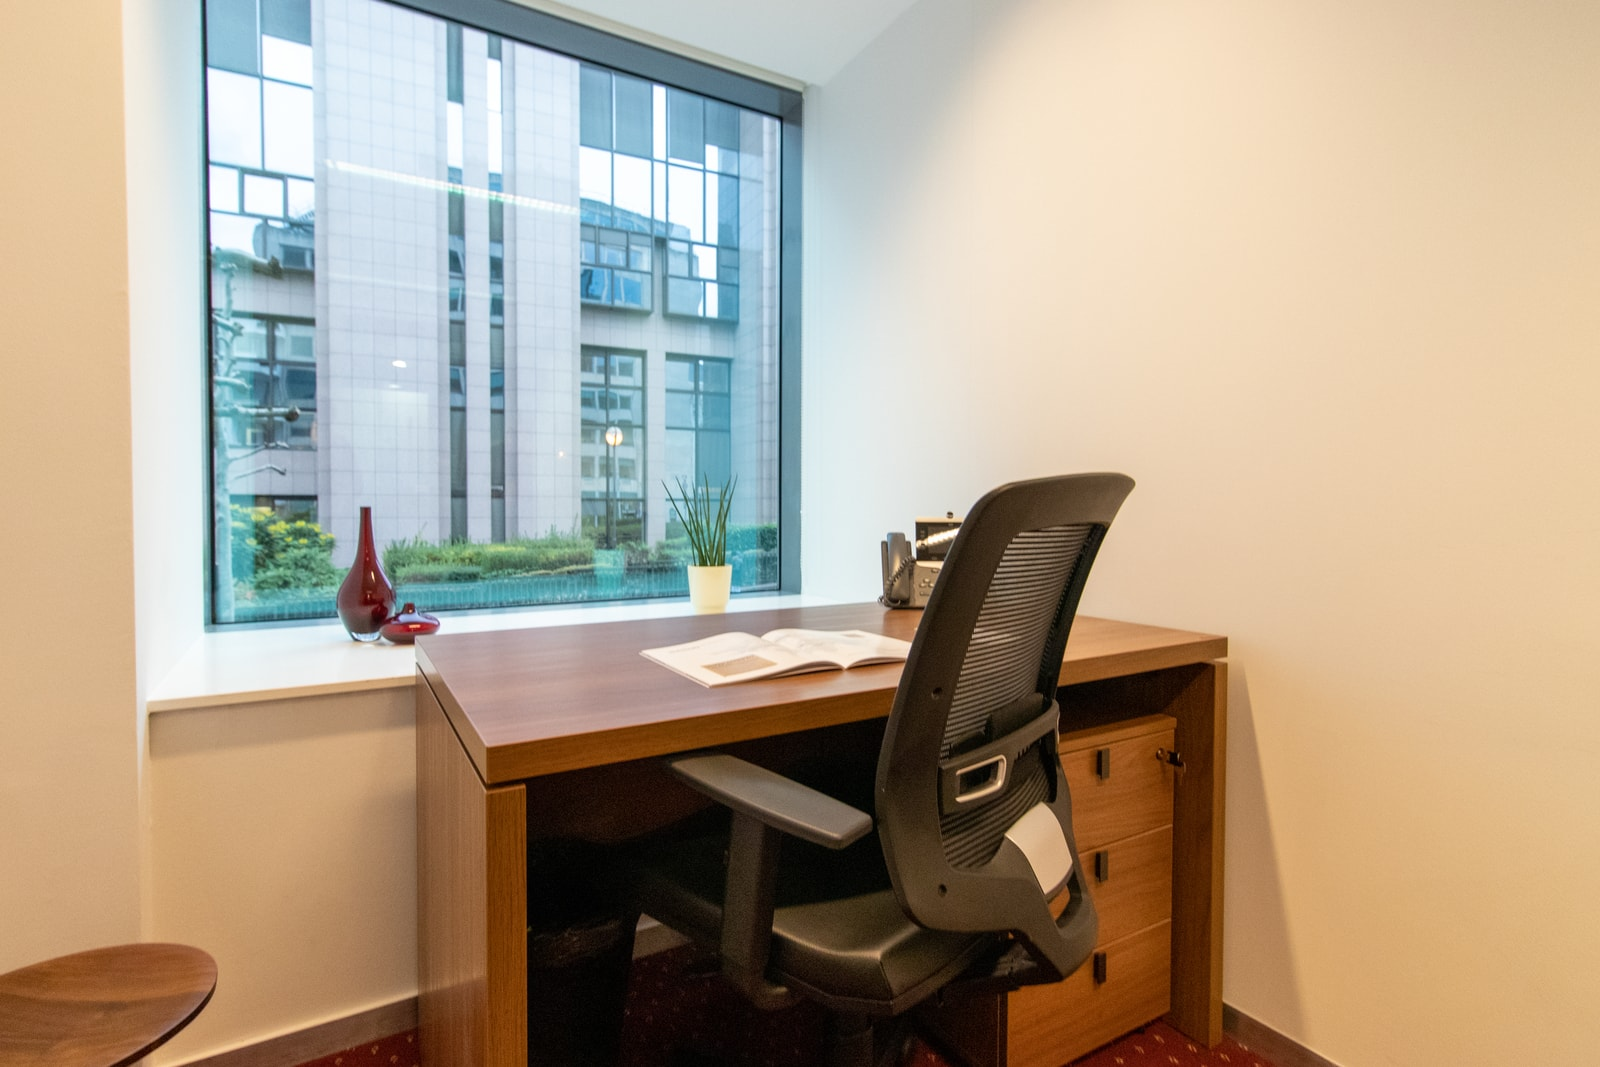 De meeste kantoren hebben het bureau tegen de ramen aan